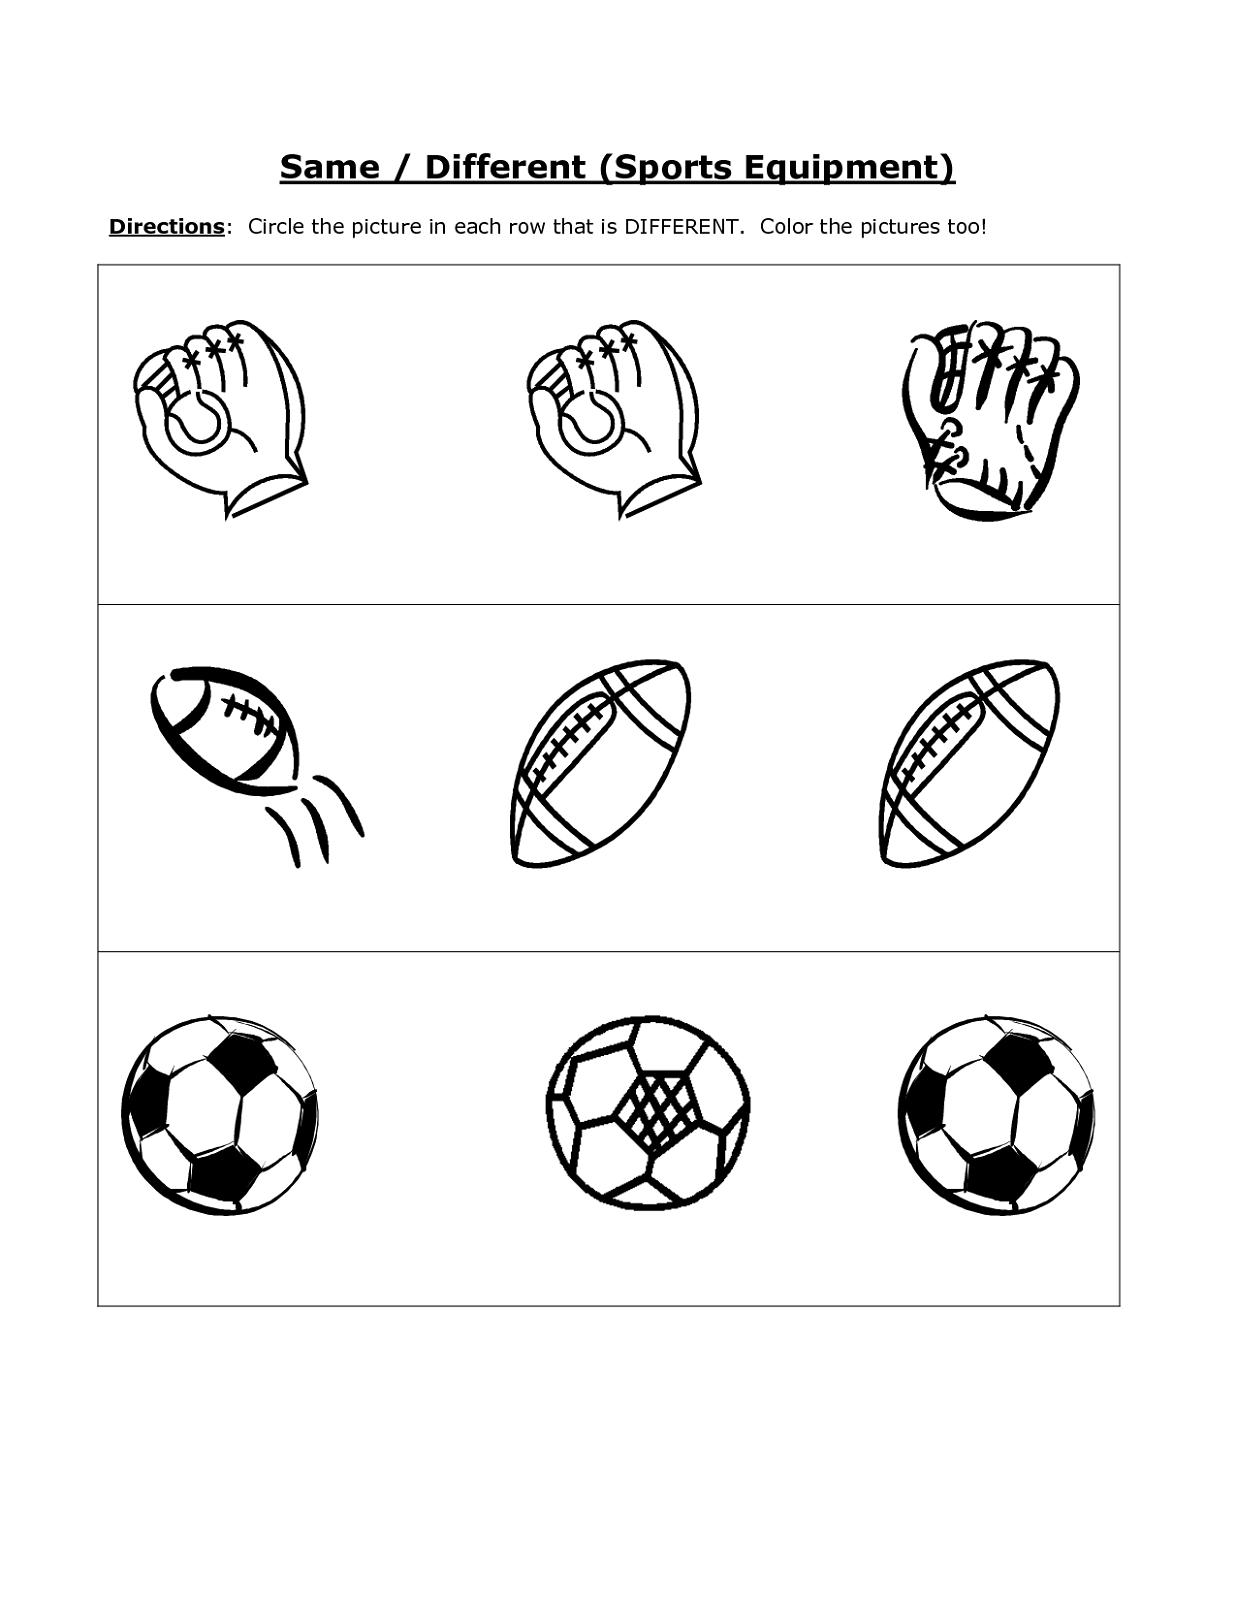 worksheet Same And Different Worksheets same and different worksheets for kids activity shelter shelter